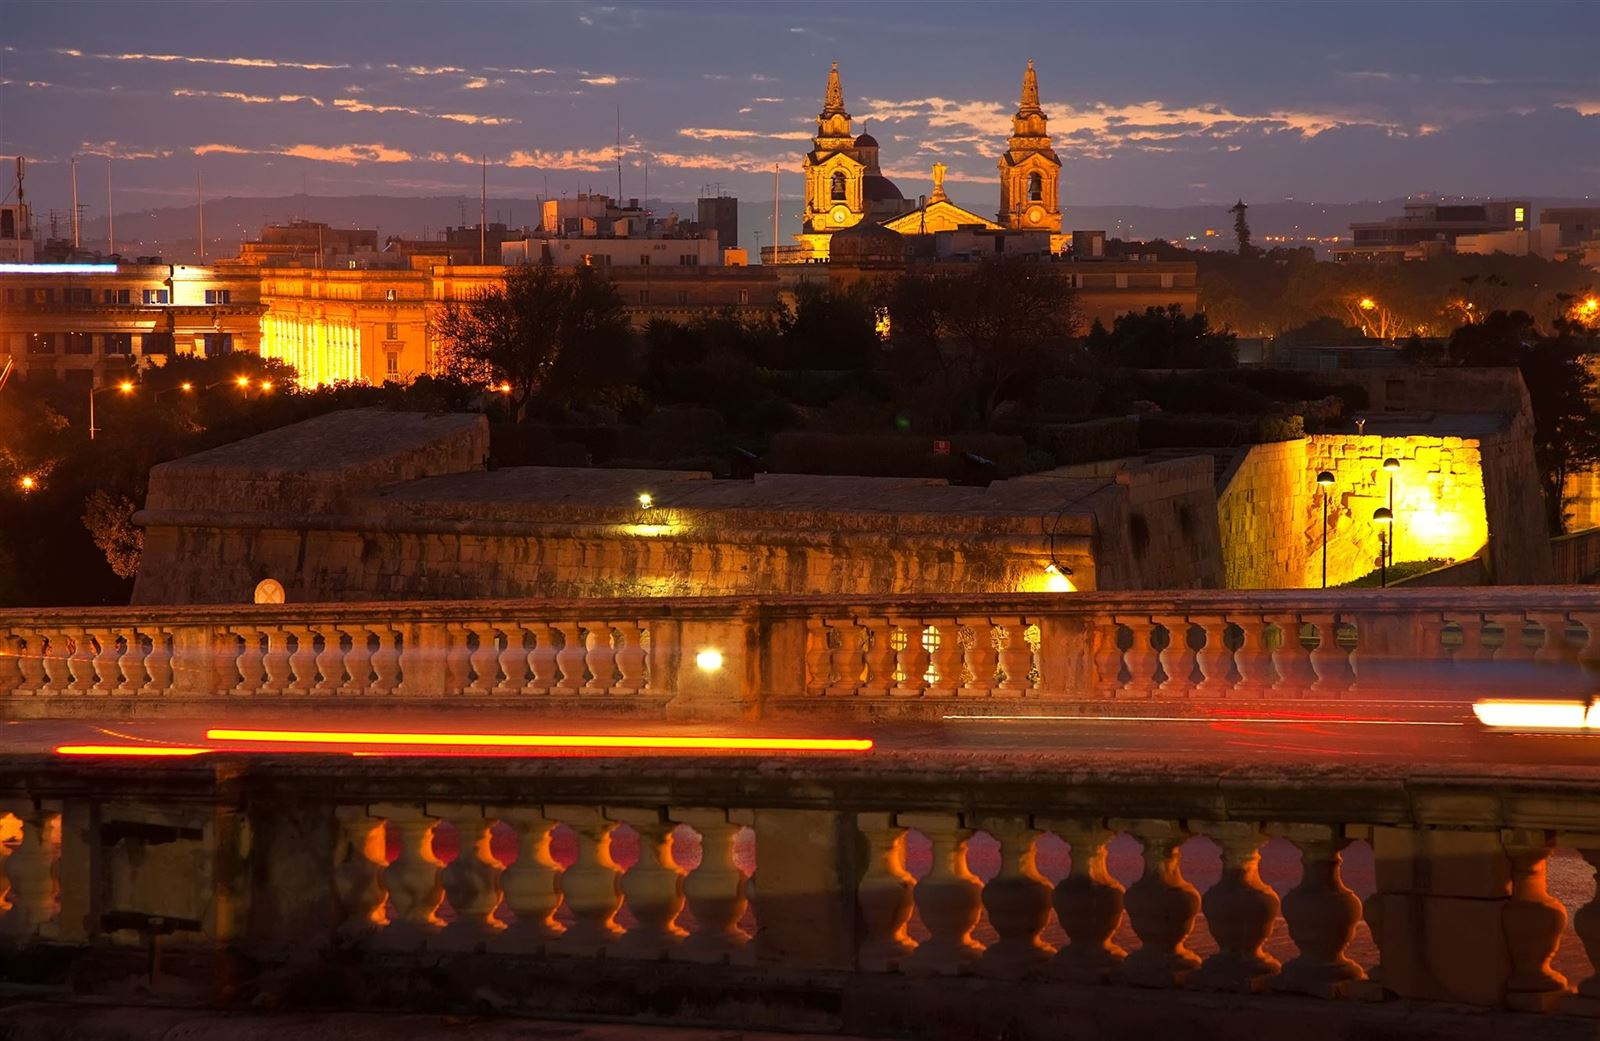 Sadece Malta'ya Gelenlerin Anlayacağı 17 Şey